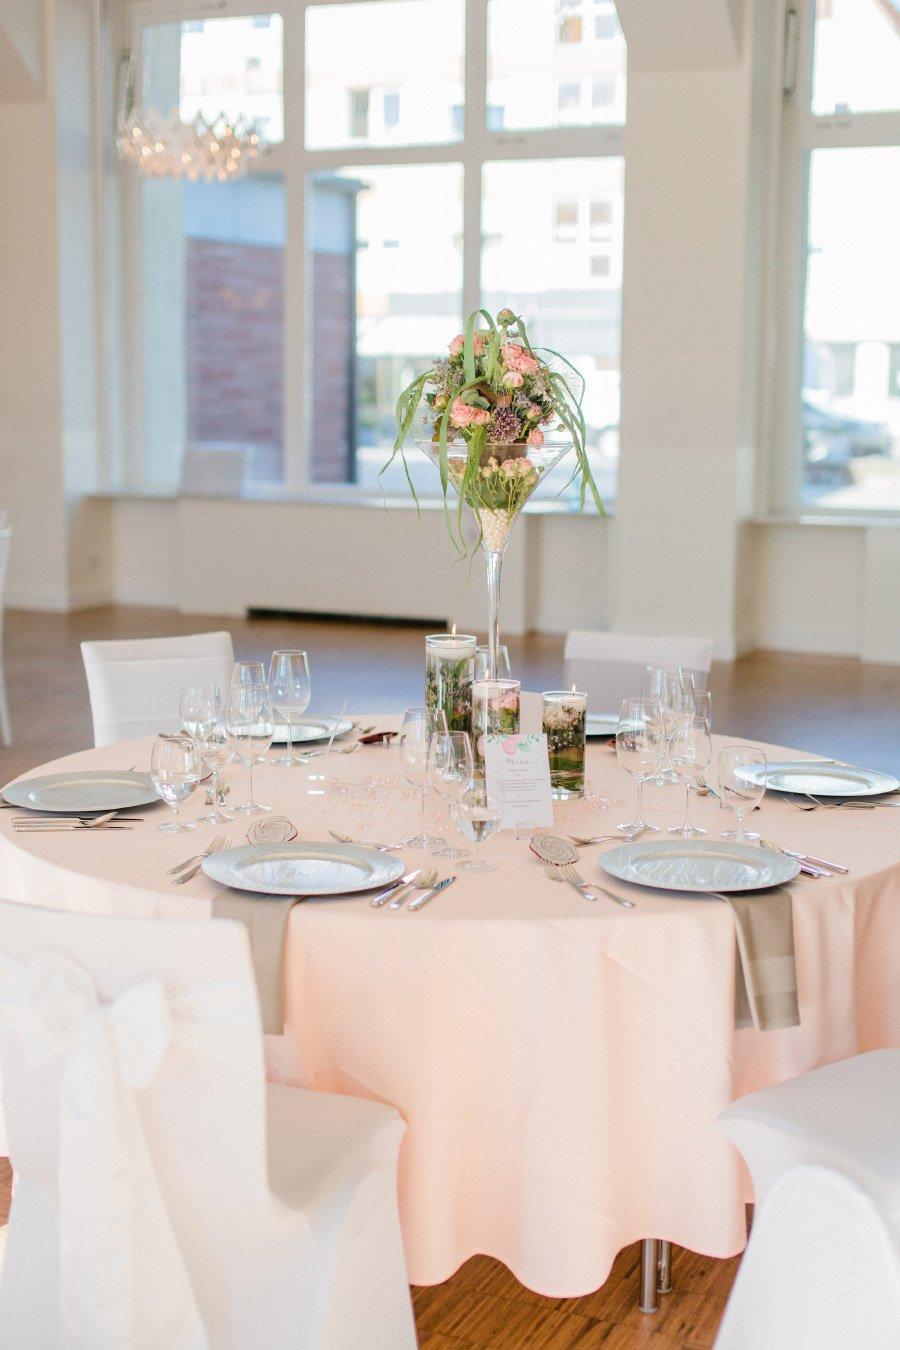 Tischdeko in rosé und weiß